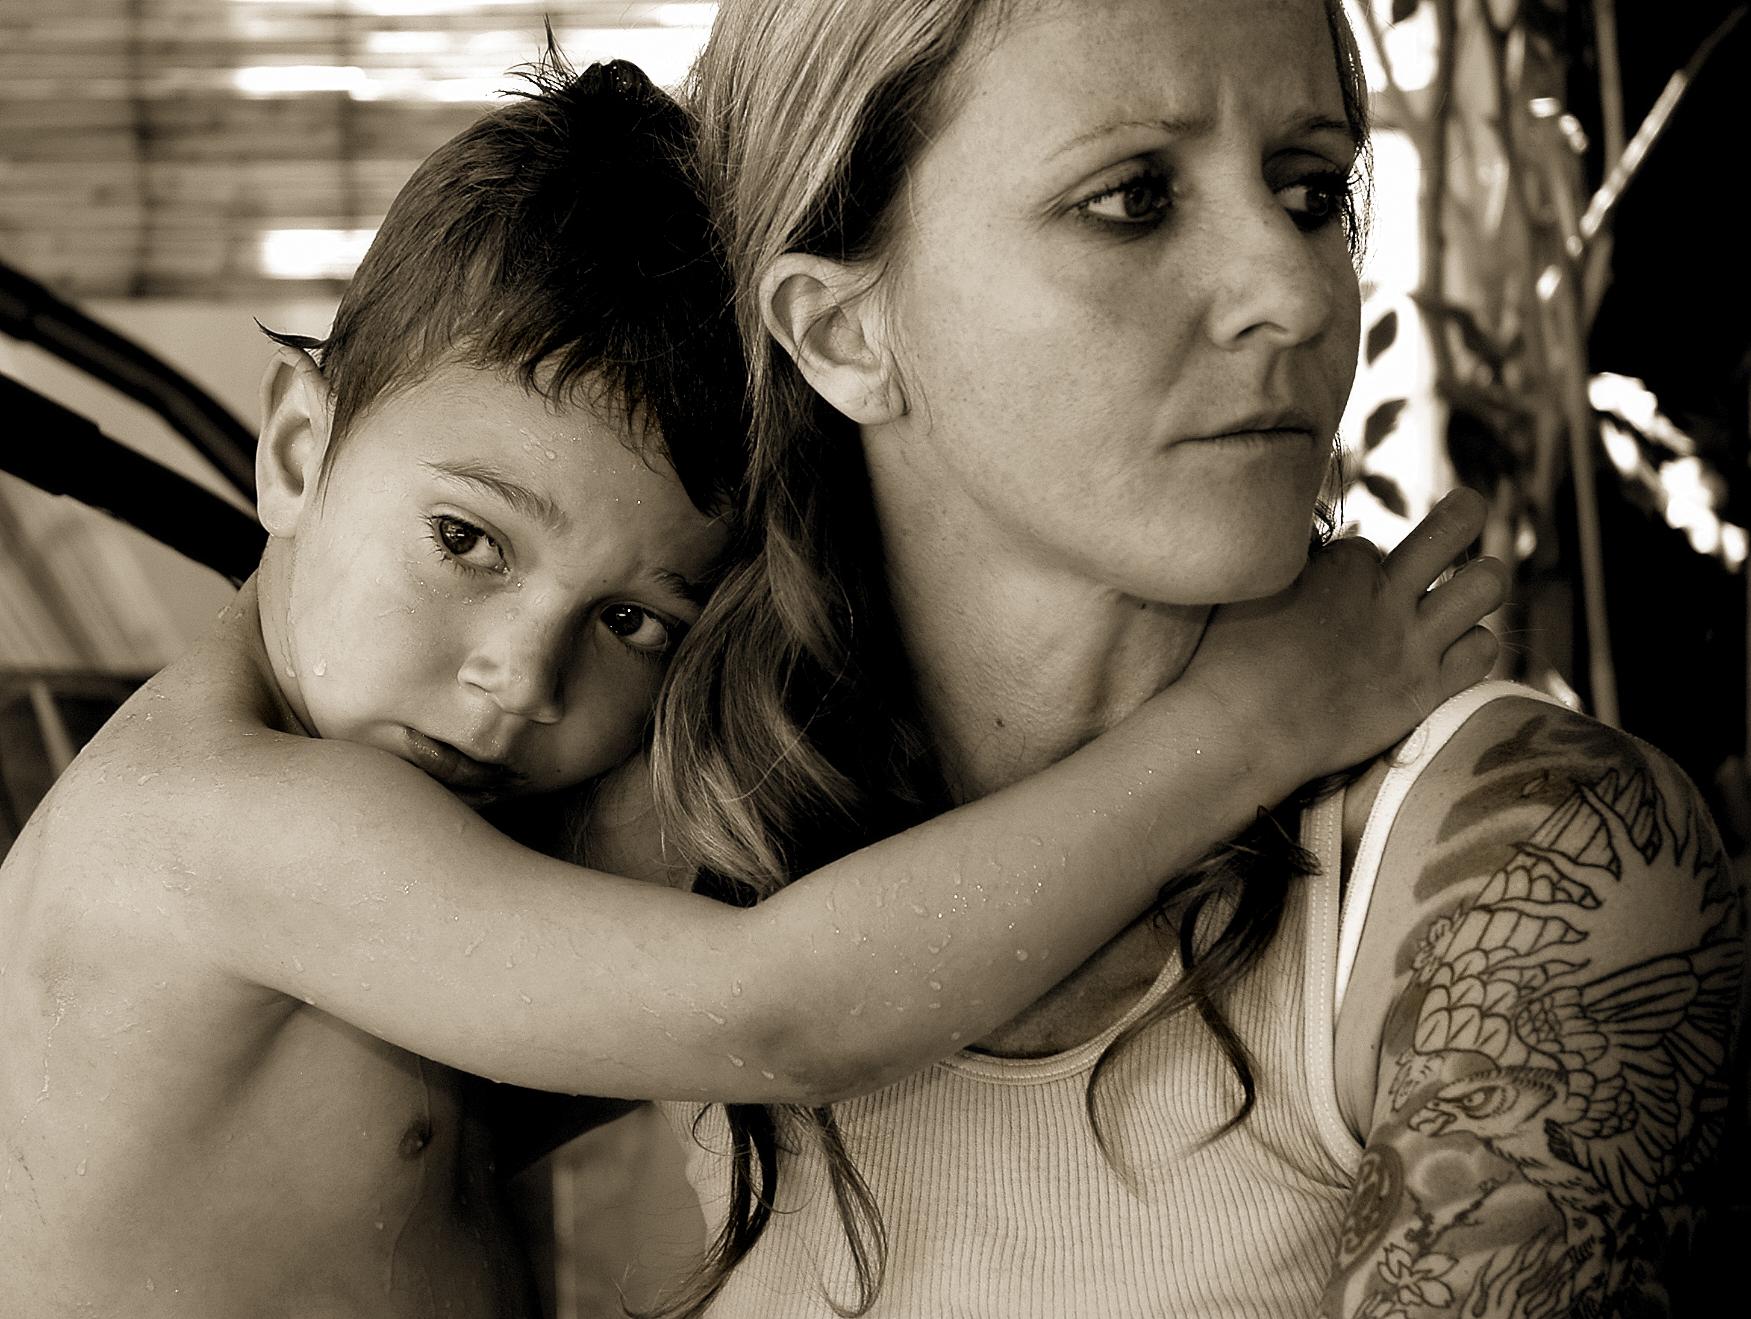 10 λόγοι (απο τους πολλους) που αγαπάμε τις μαμάδες!